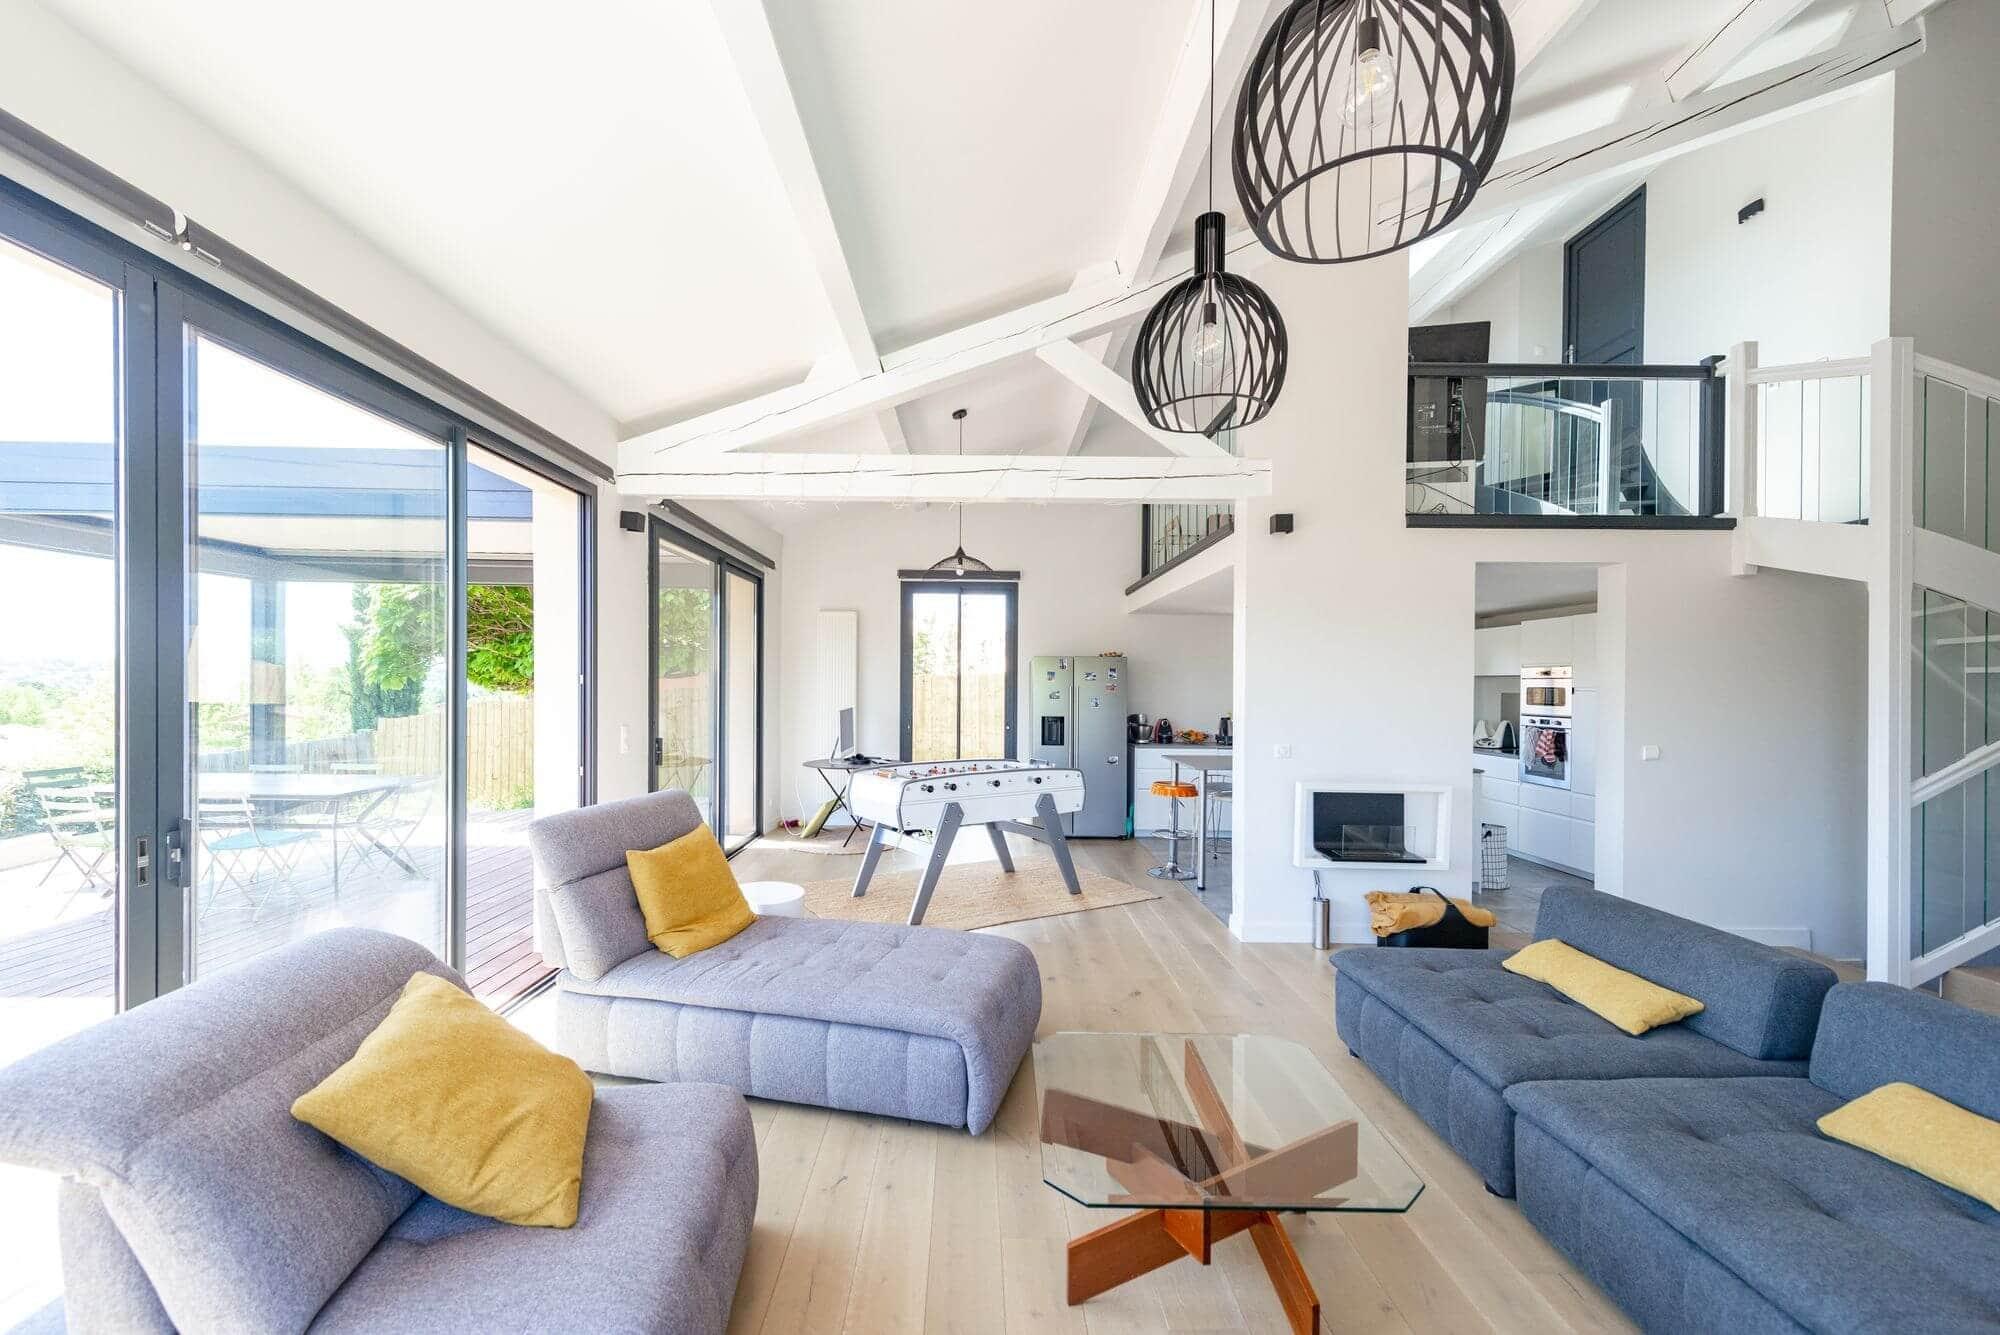 Fournisseurs mobilier, parquet, décoration maison architecte